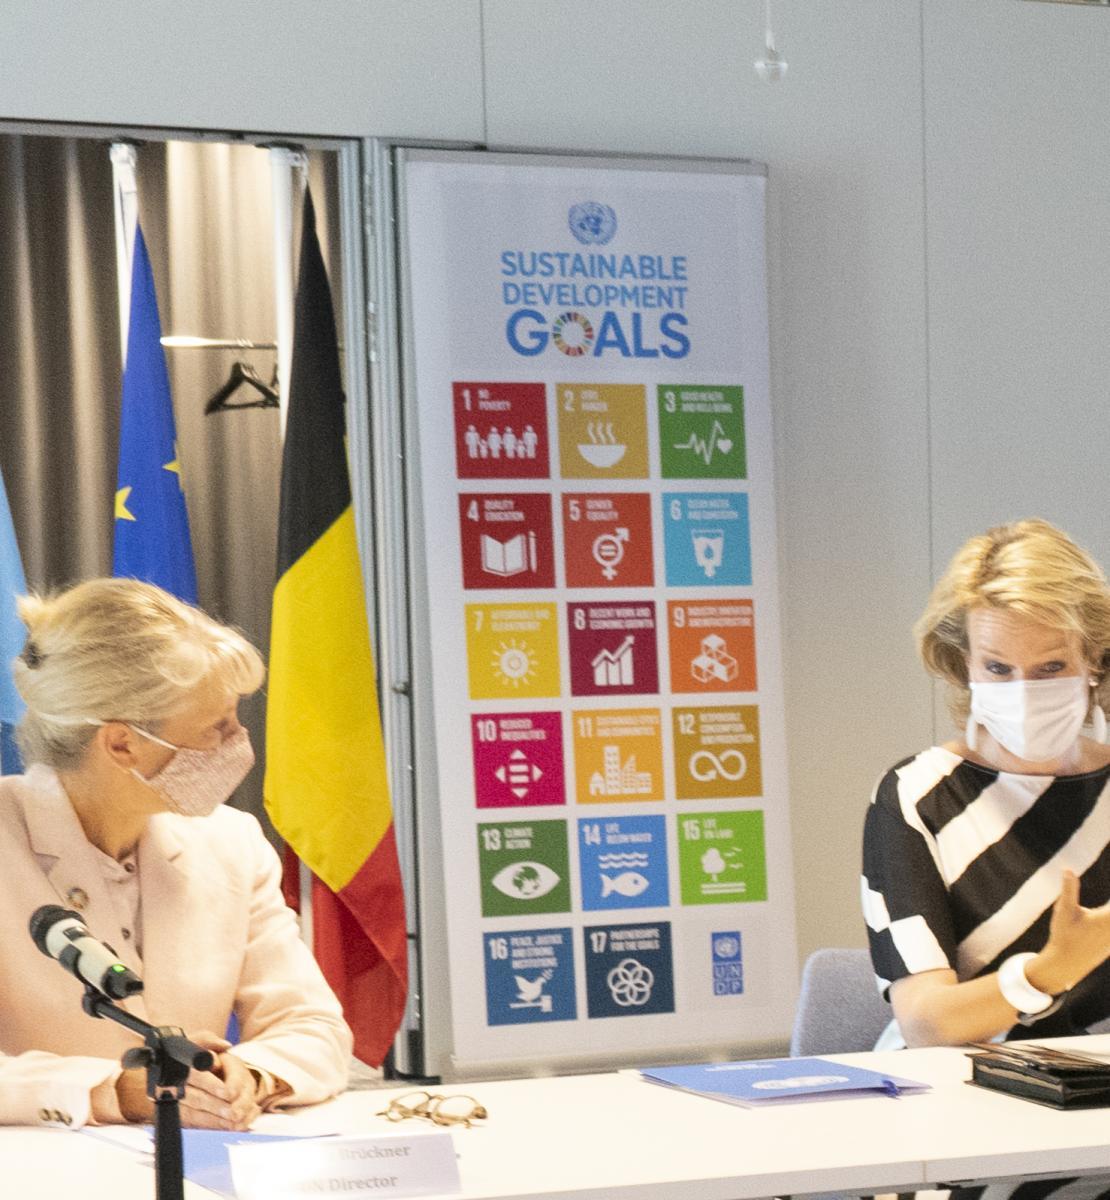 La Directrice du bureau de l'ONU/du PNUD à Bruxelles et Sa Majesté la Reine de Belges sont assises côte à côte à une table sur laquelle sont posés des microphones. Elles portent toutes deux un masque de protection respiratoire. En arrière-plan est installé un tableau sur lequel sont affichés les logos des ODD.